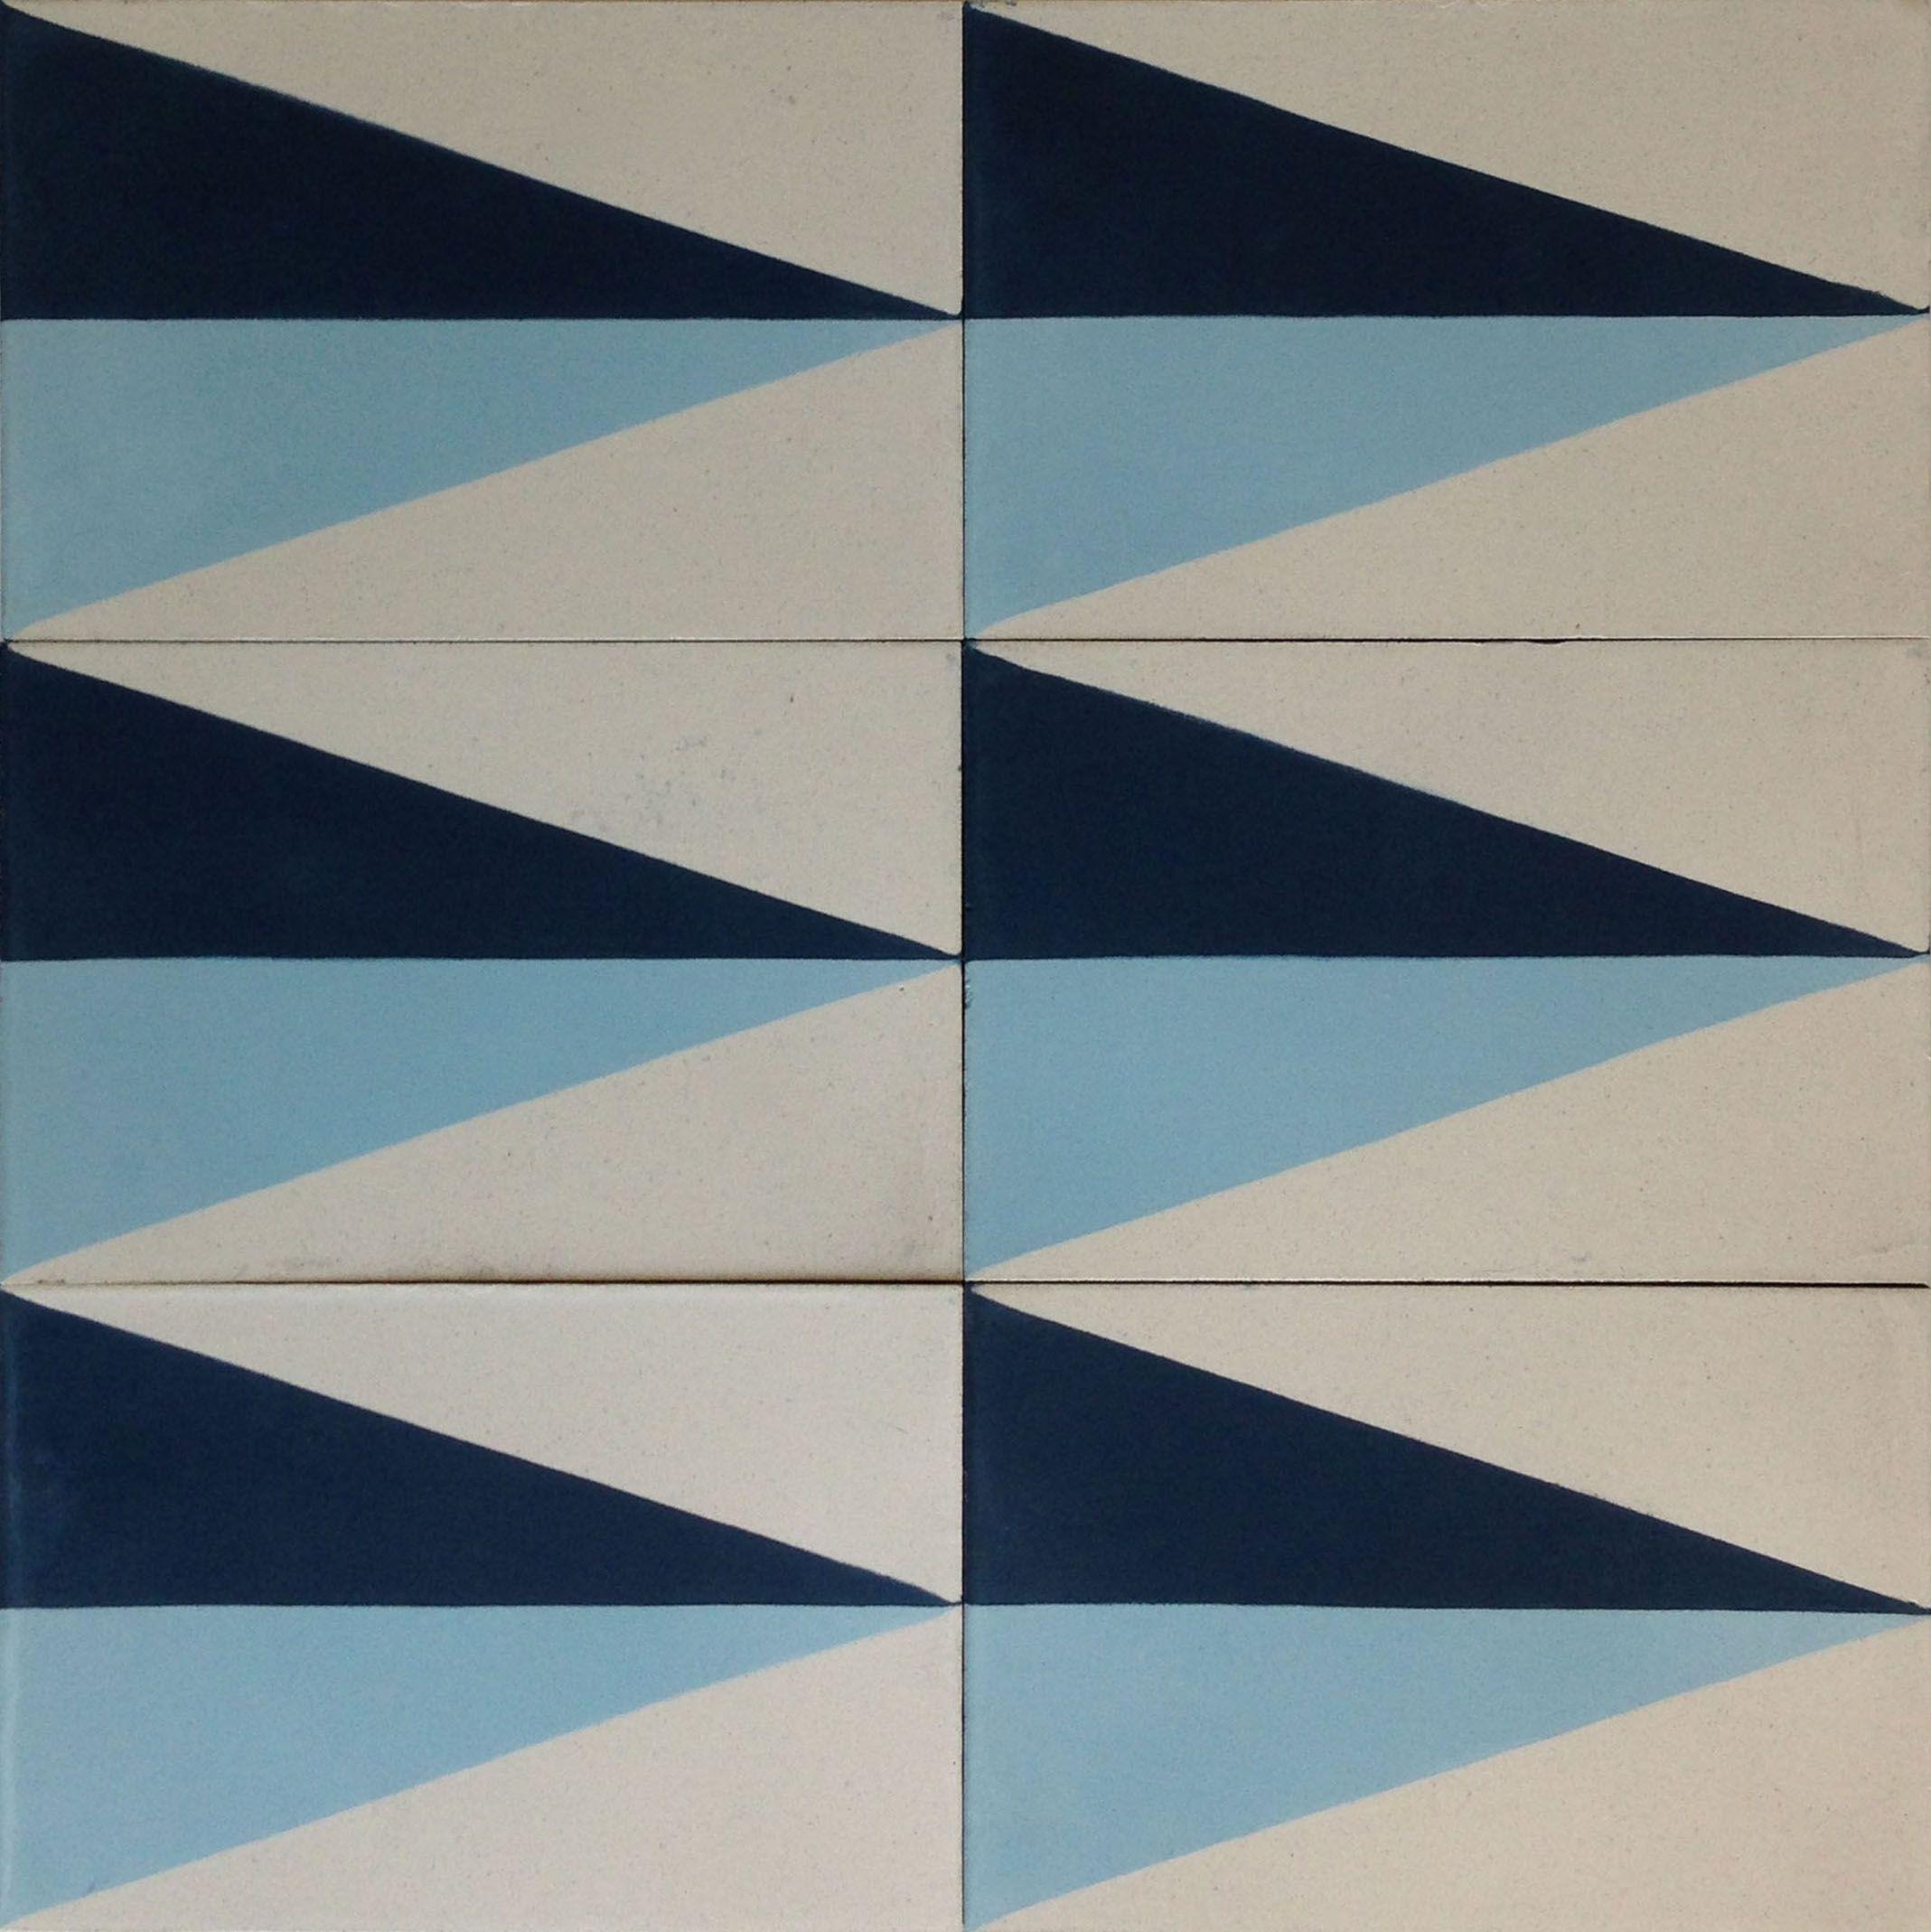 floor tiles pop ham design headlight | To Bathe In | Pinterest ...